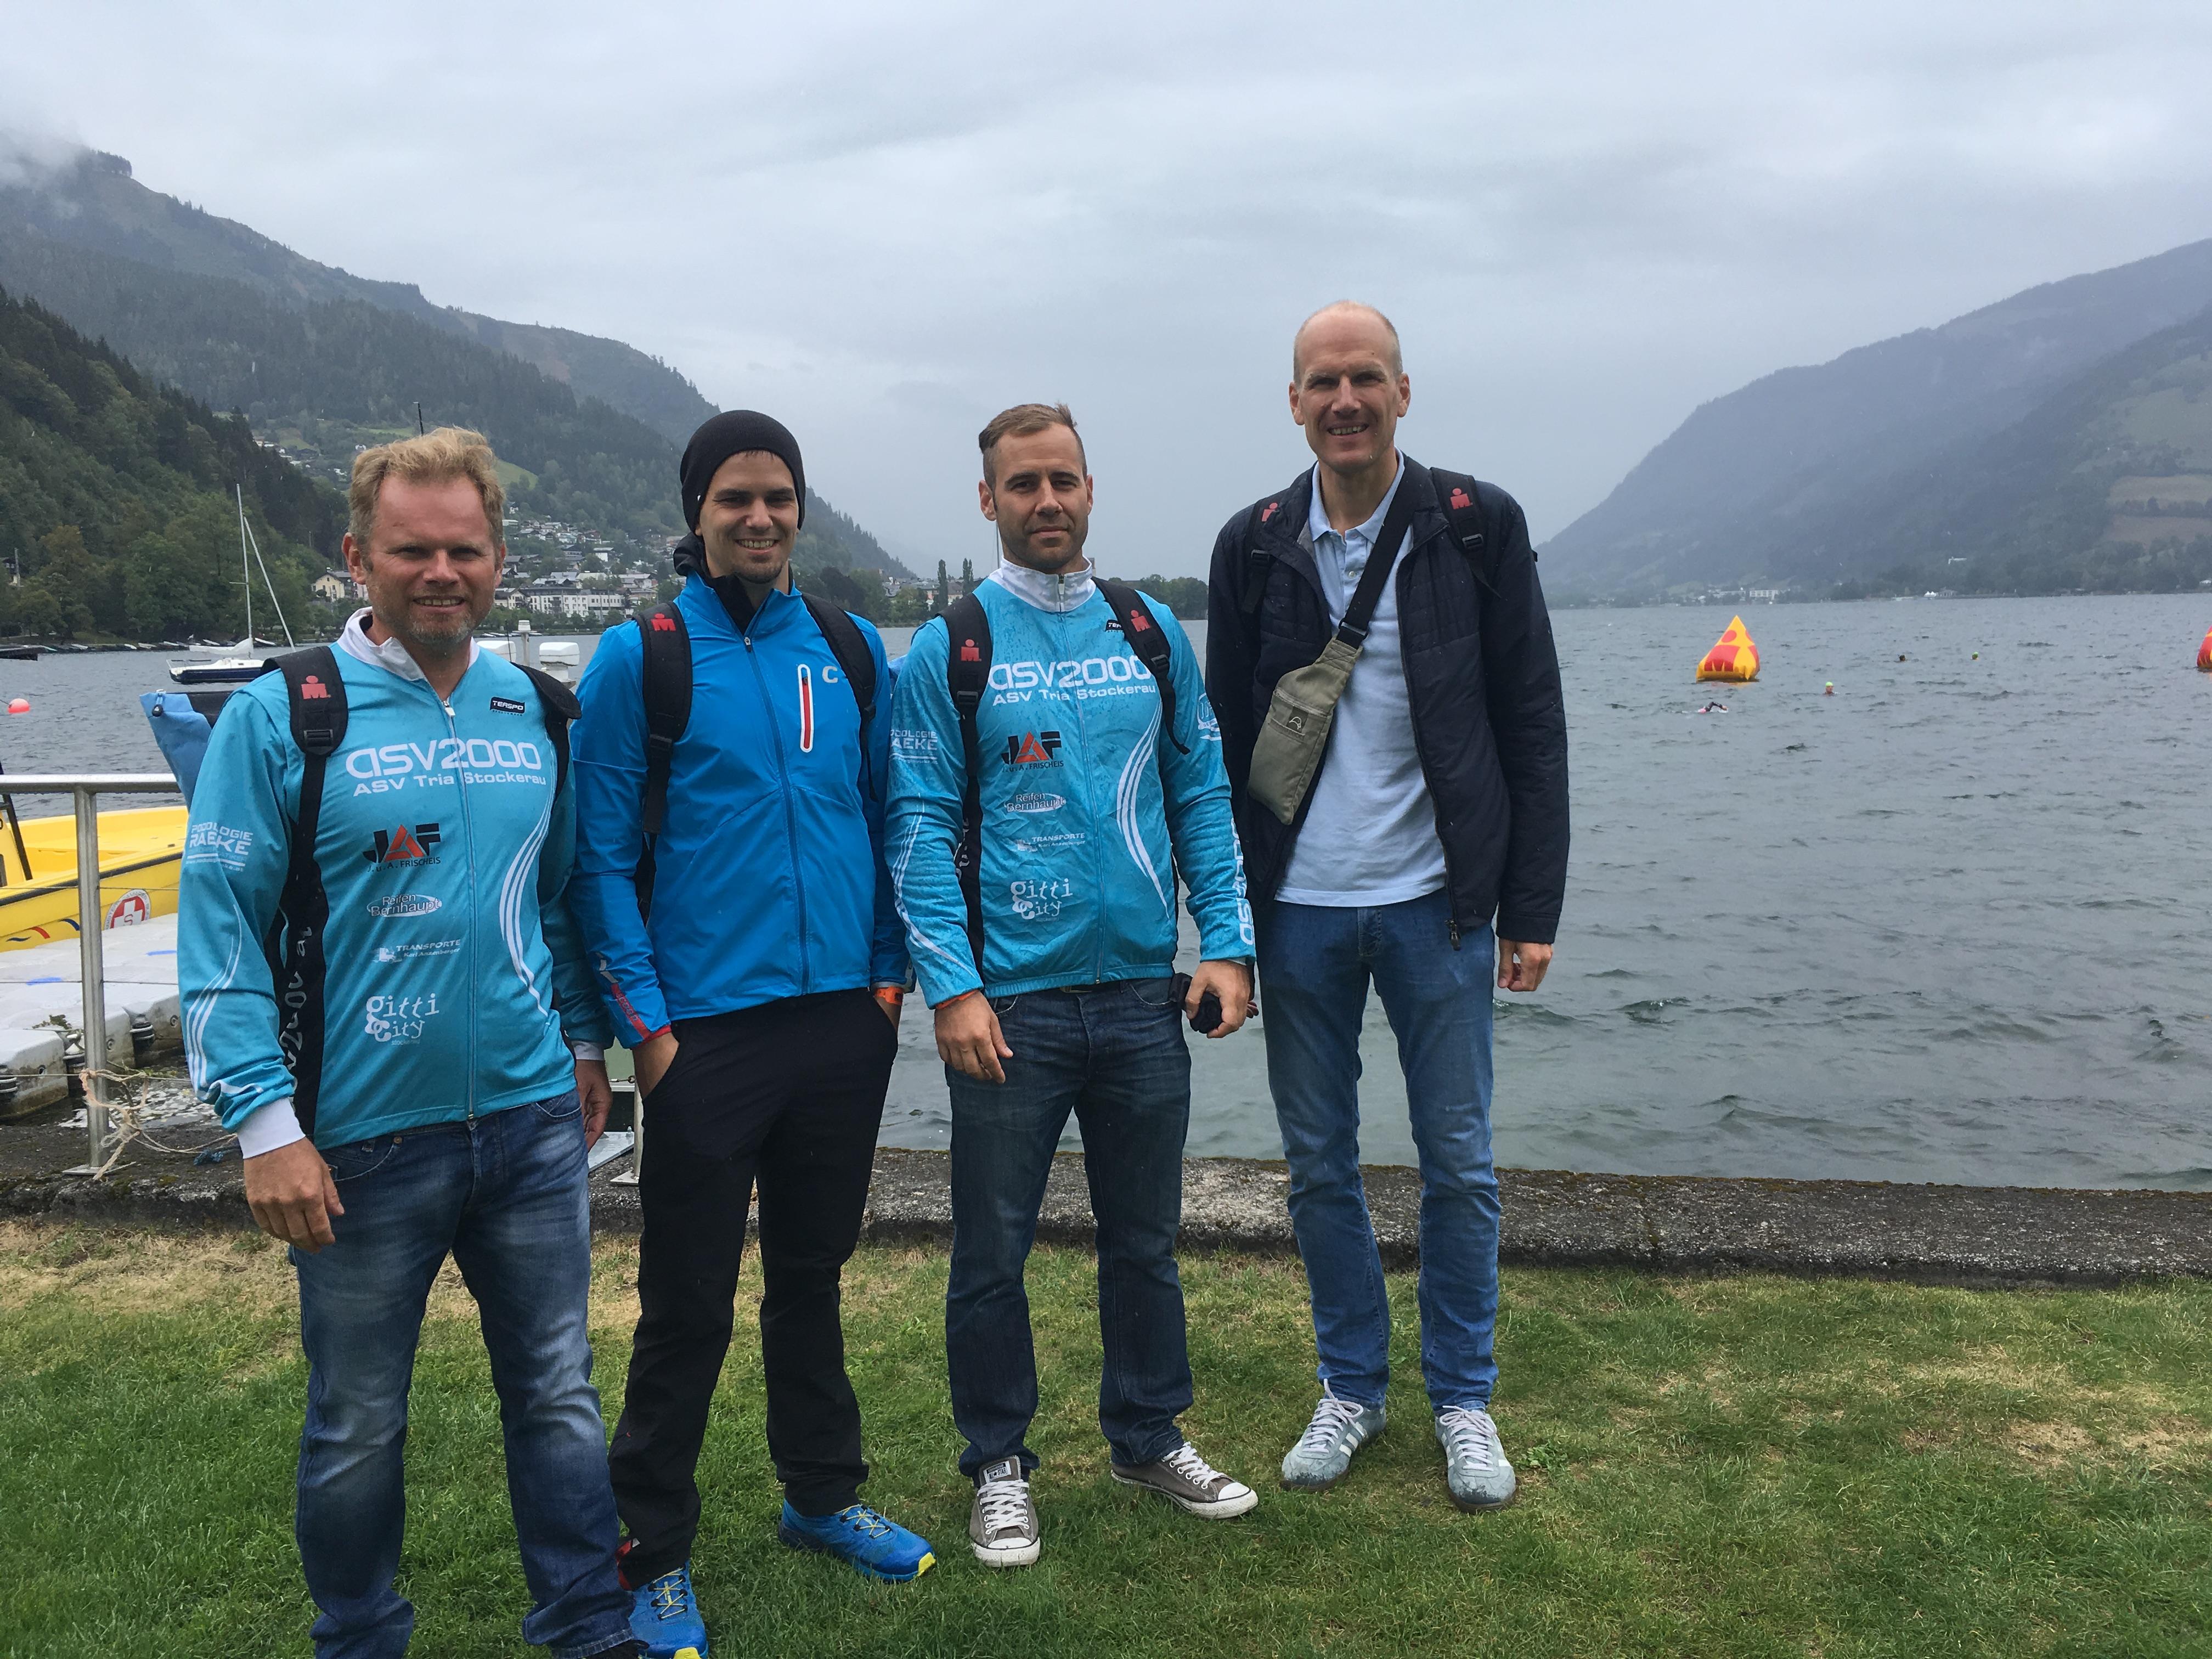 Ergebnisse KW 34: Ironman 70.3 Zell am See, Frauenlauf…